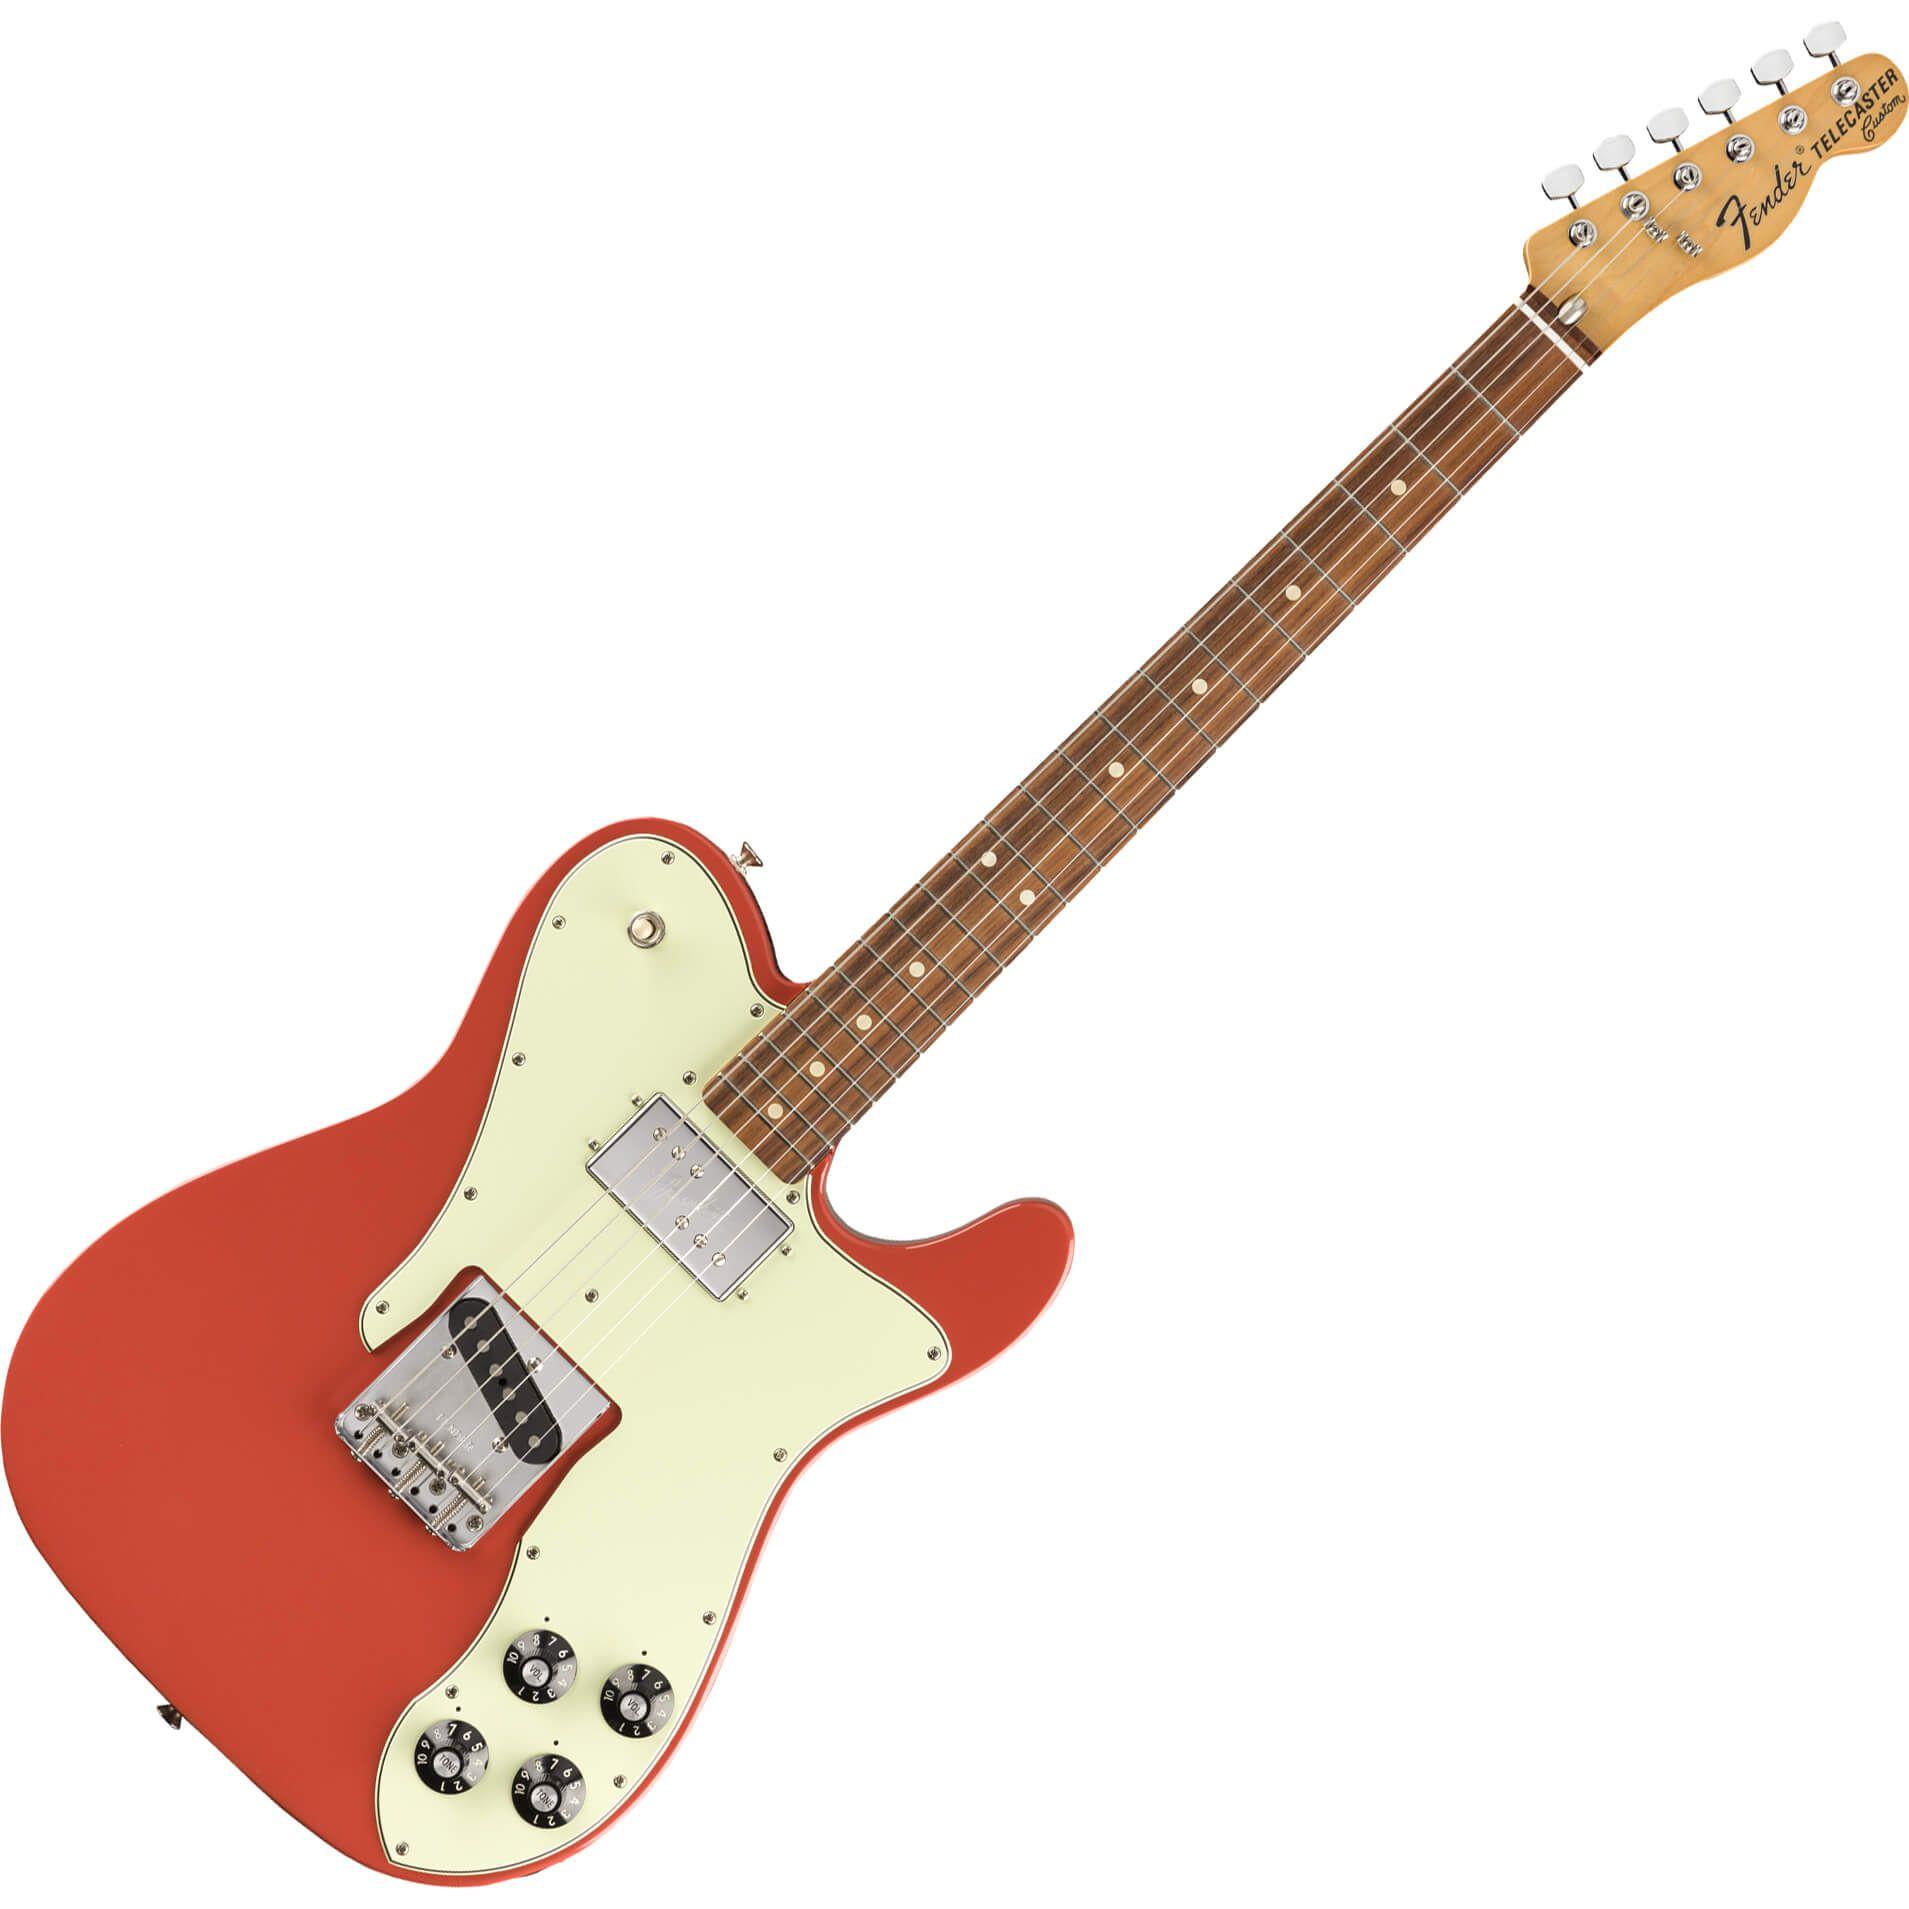 Fender Vintera Series 70s Telecaster Custom - PF - Fiesta Red